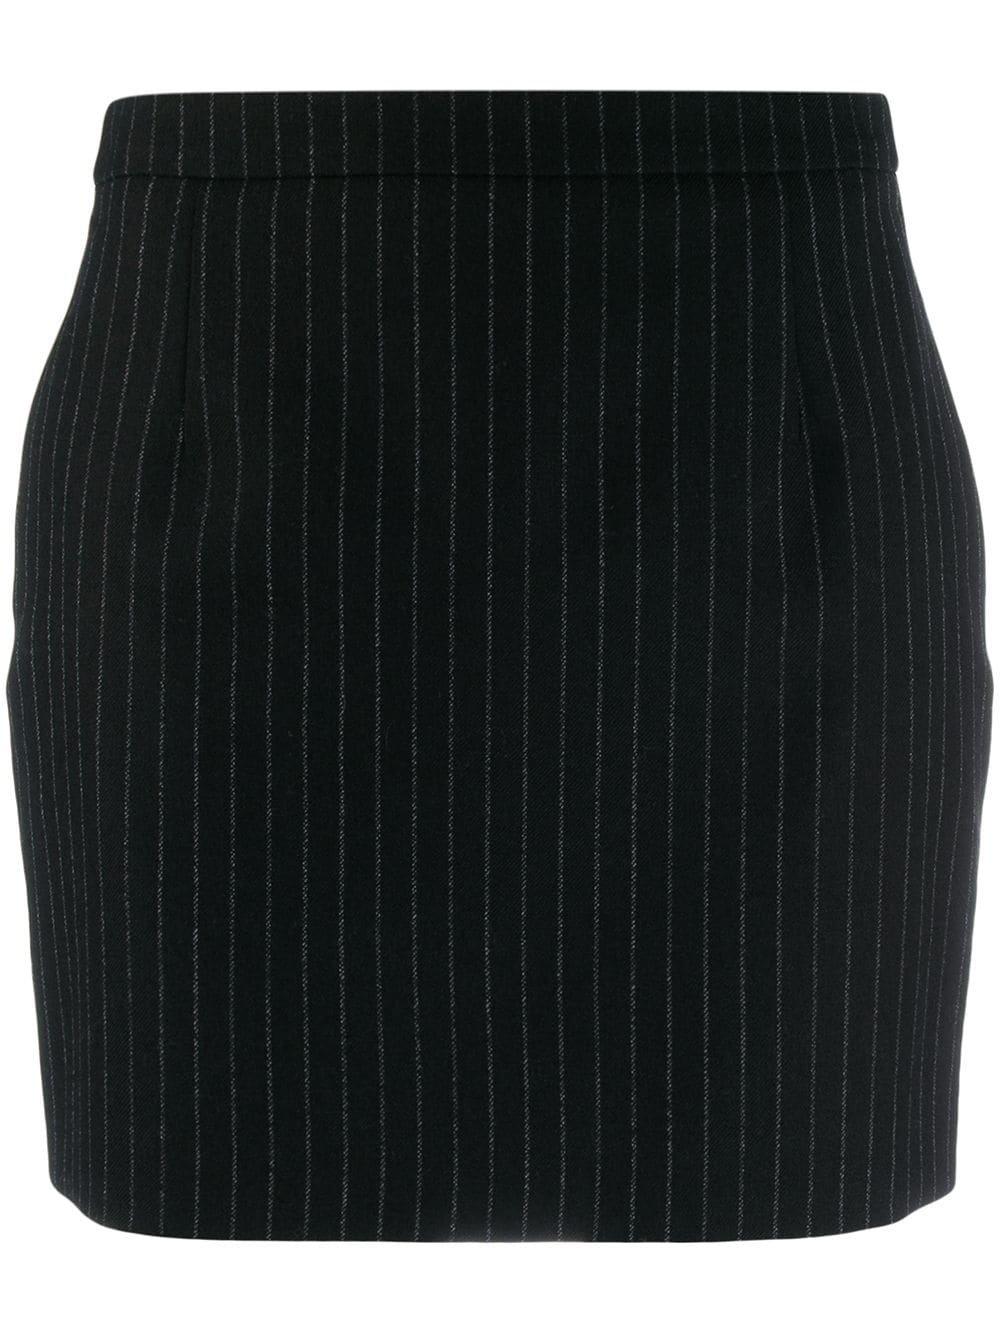 Saint Laurent Pinstriped Mini Skirt | Farfetch.com